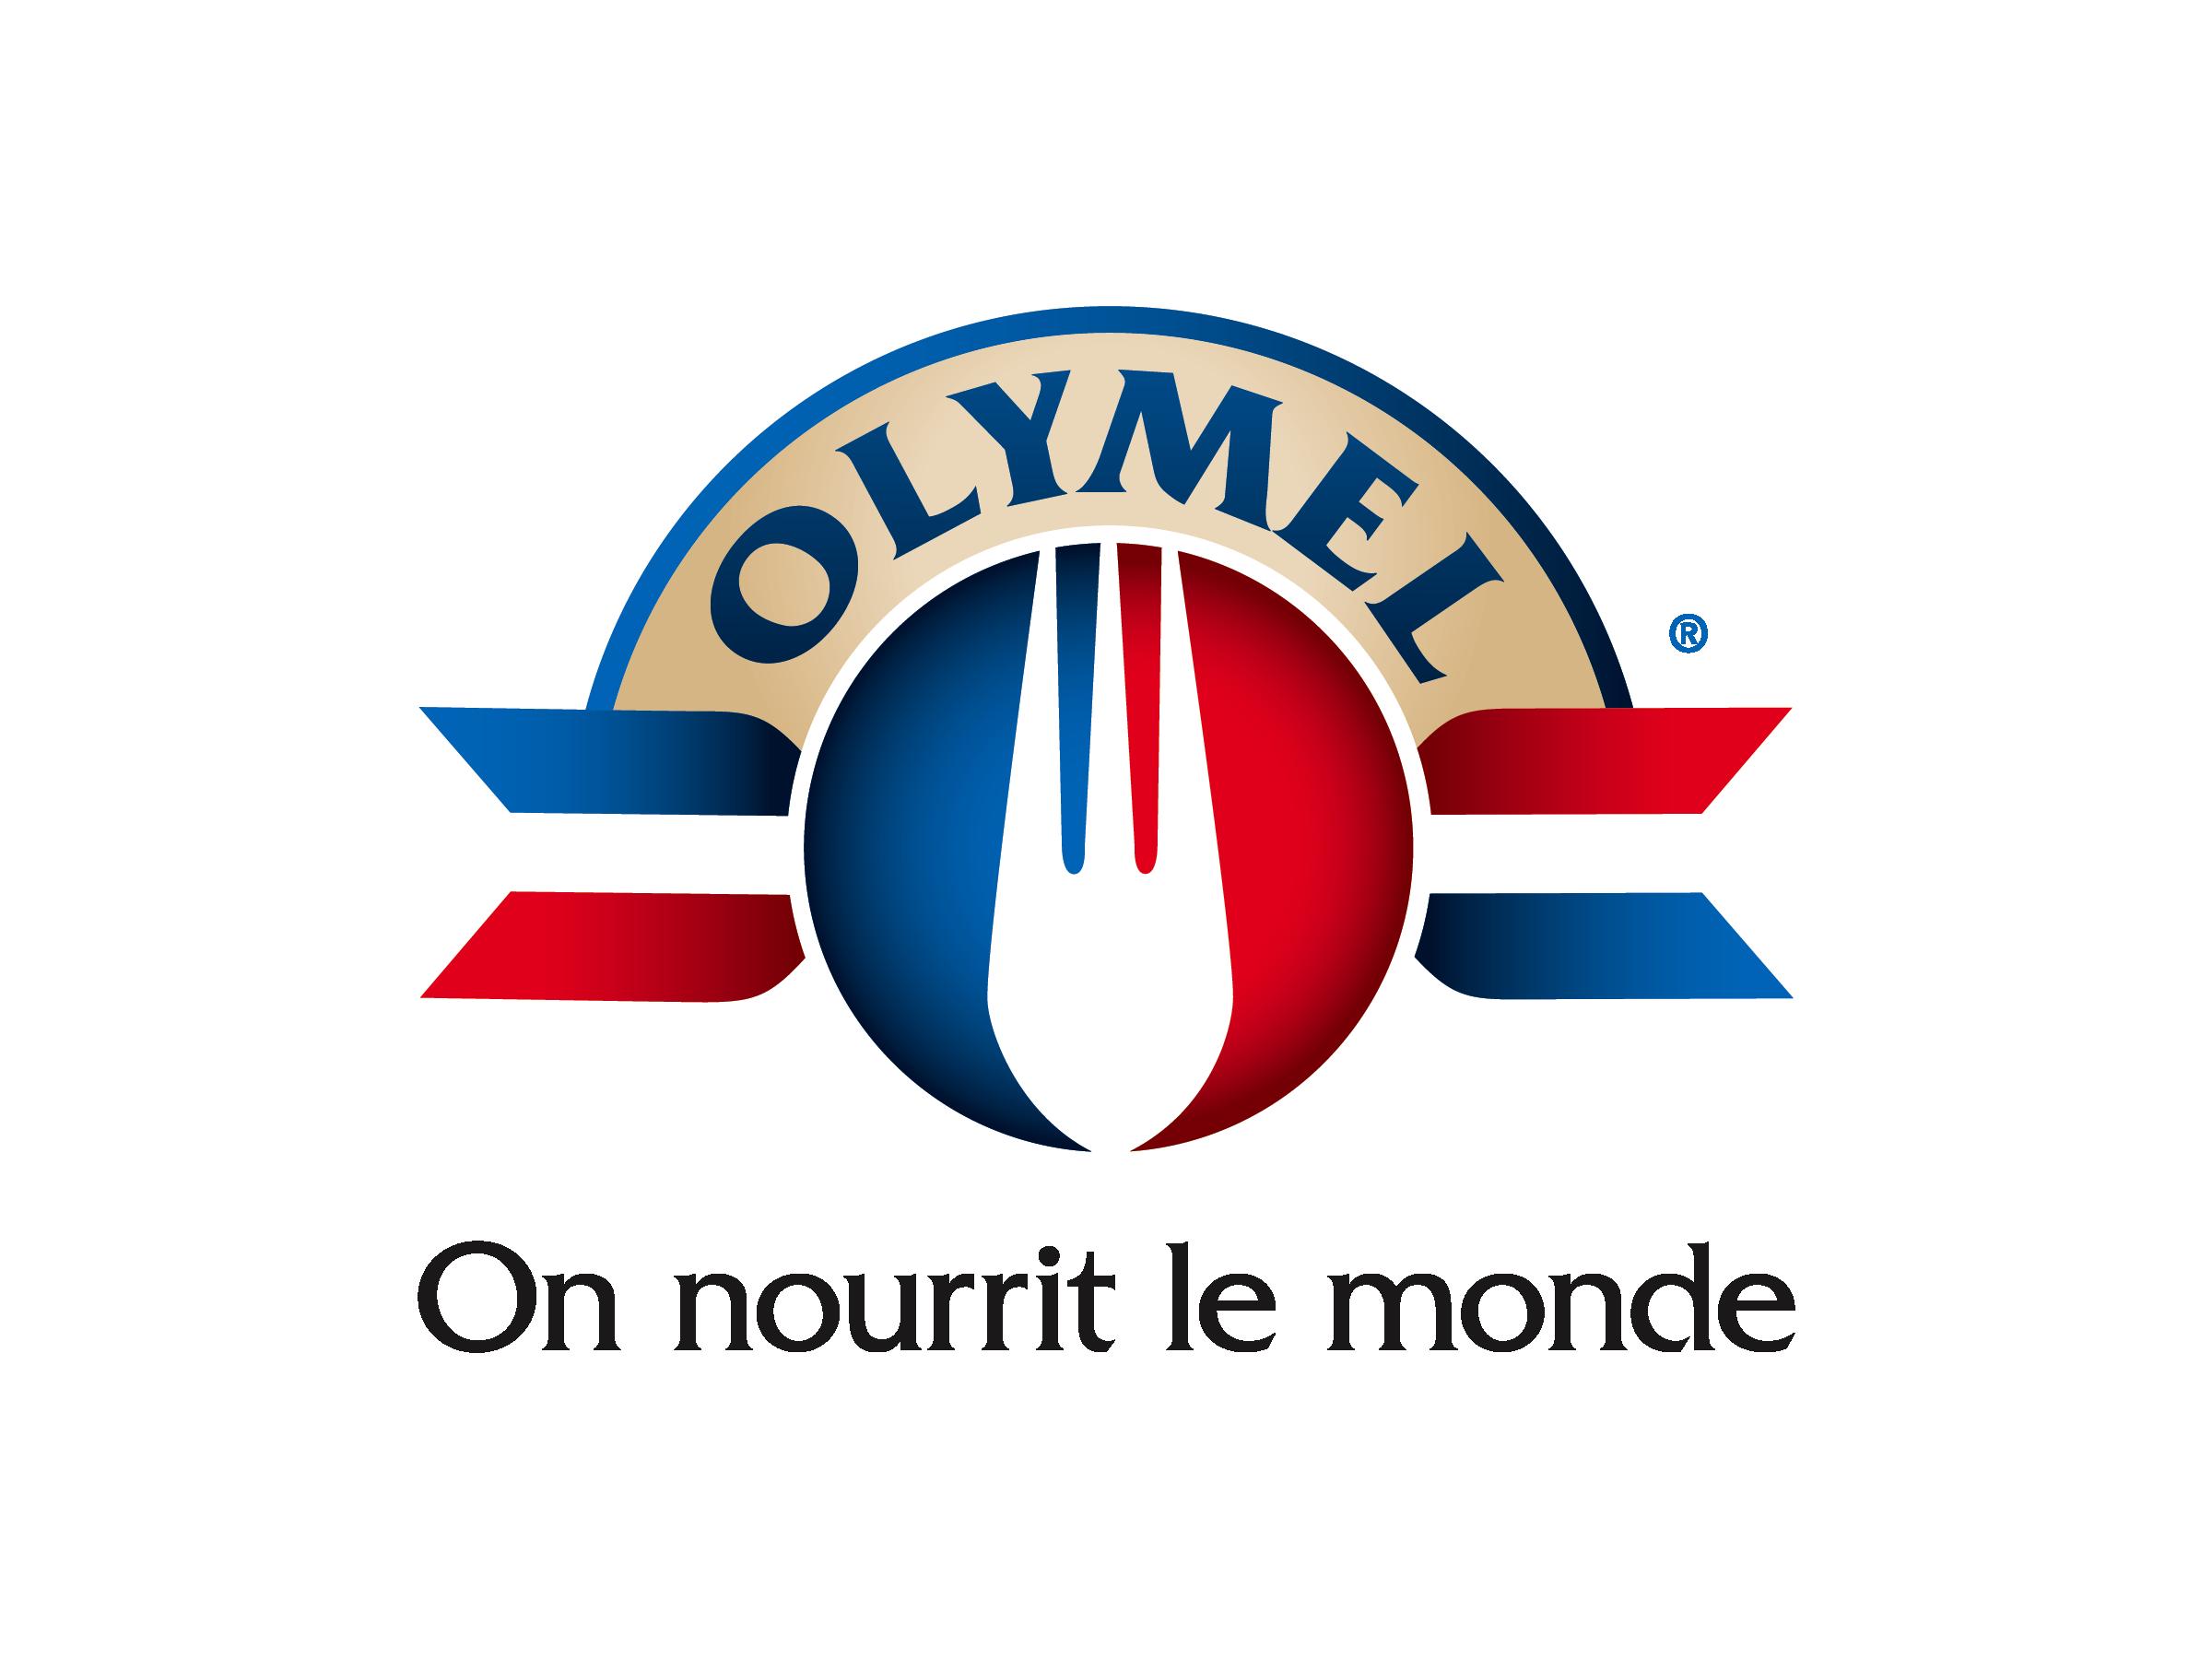 Moisson Montréal, bénéficient d\u0027une structure de coopération pour  l\u0027achat de denrées supplémentaires complétant leur approvisionnement.